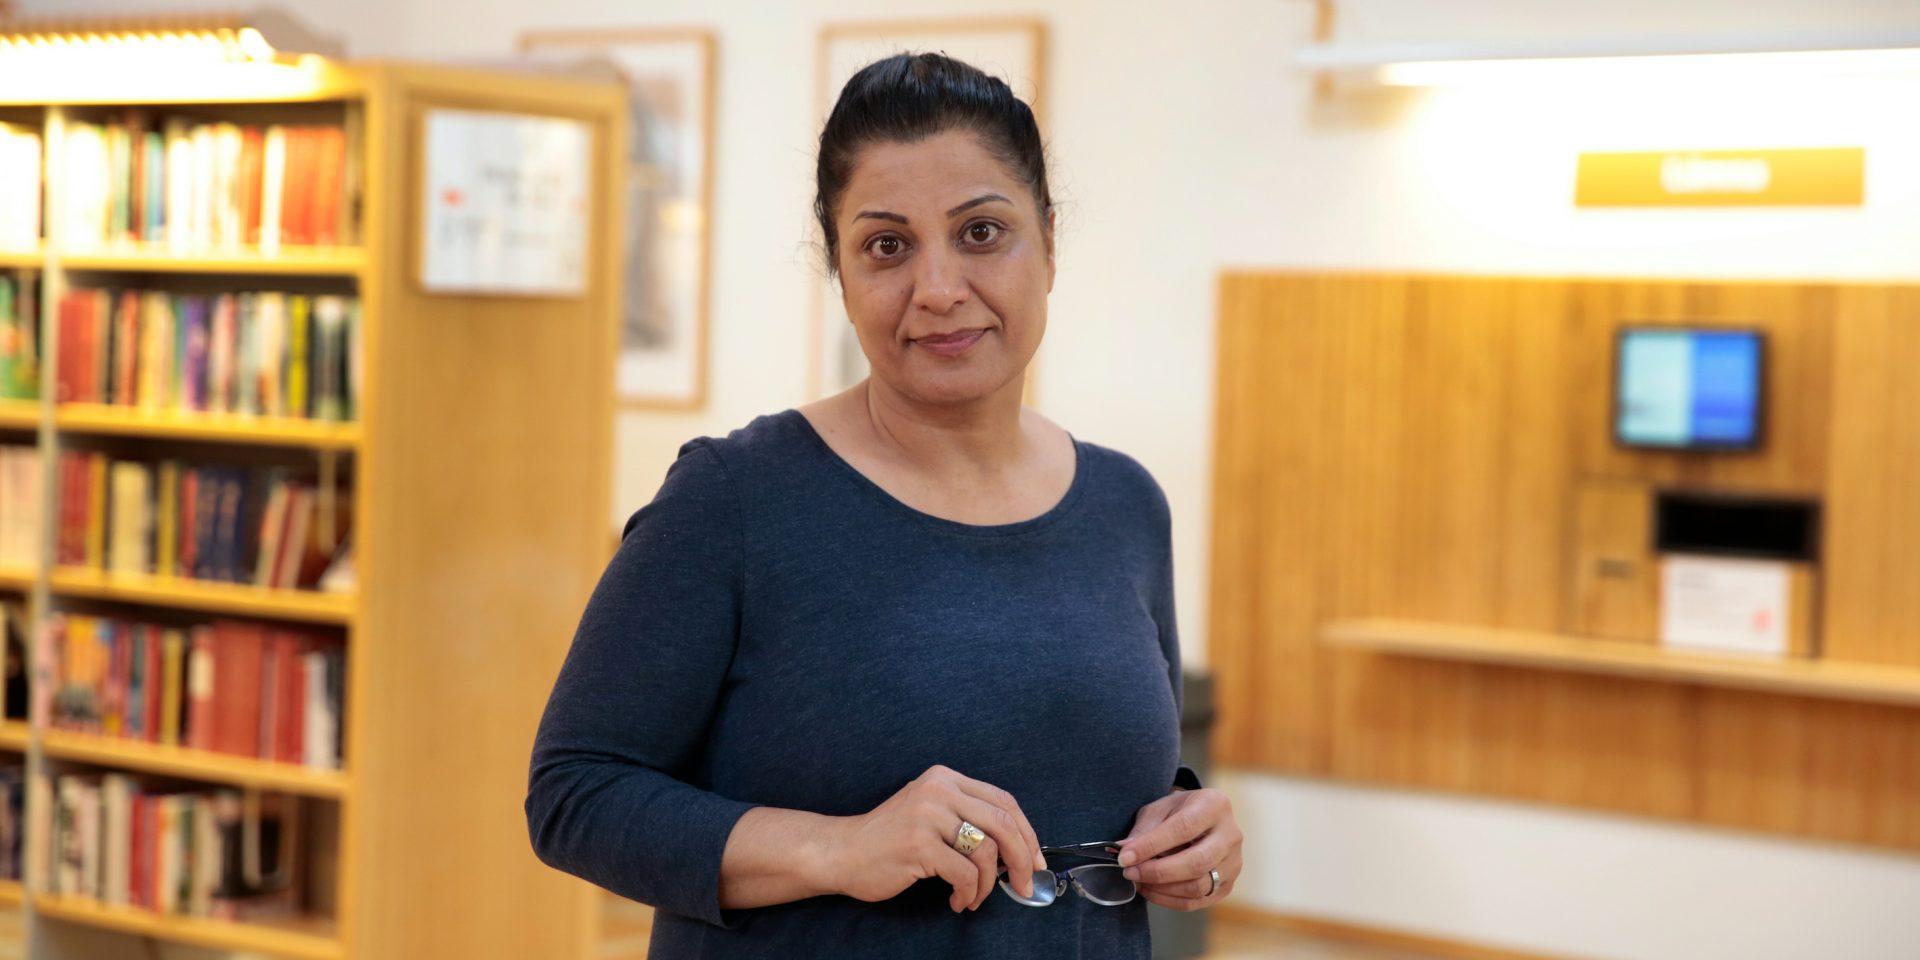 Ashraf Bagheri lever sedan 2018 som fristadsförfattare i Uppsala, och skriver bland annat krönikor om kvinnors rättigheter i Iran, i OmVärlden.